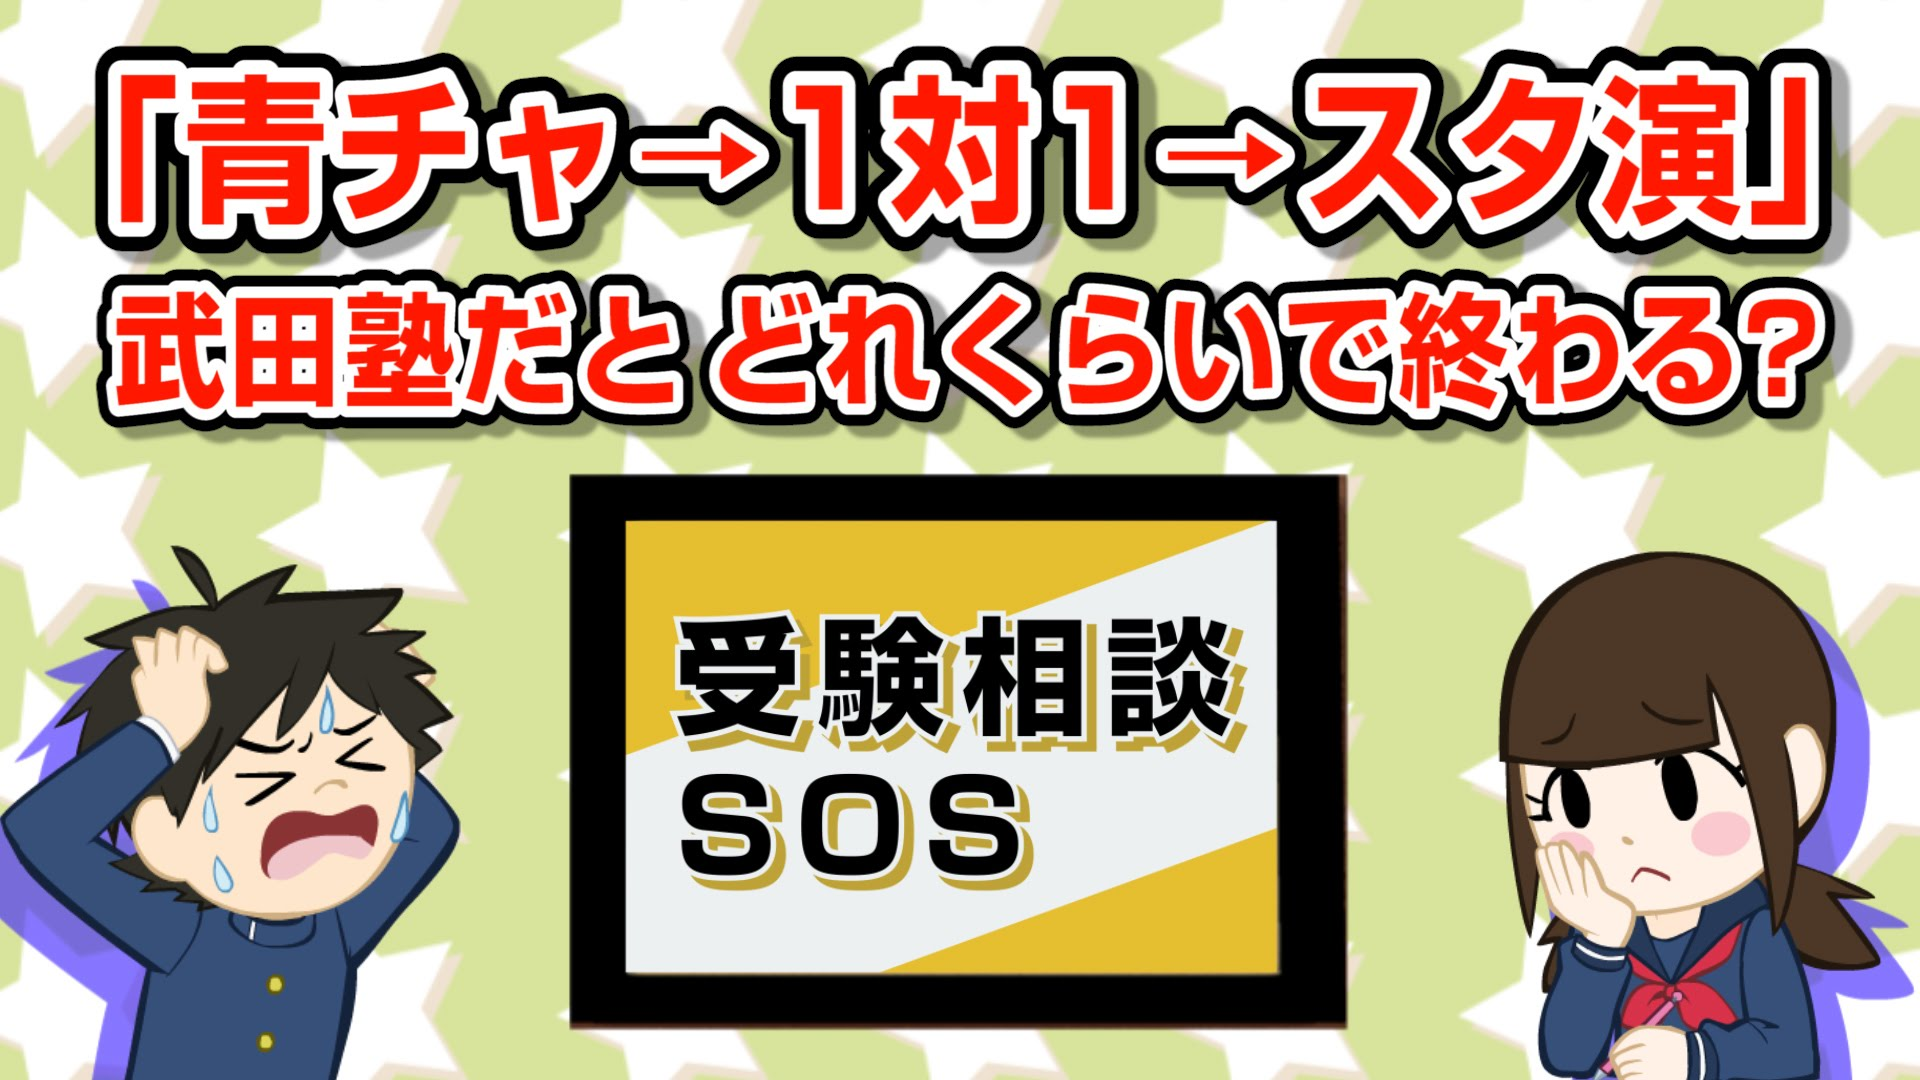 【vol.434】進学校あるある『青チャート→1対1→スタ演』ルートは 武田塾の勉強法だとどれくらいで終わるの? 受験相談SOS